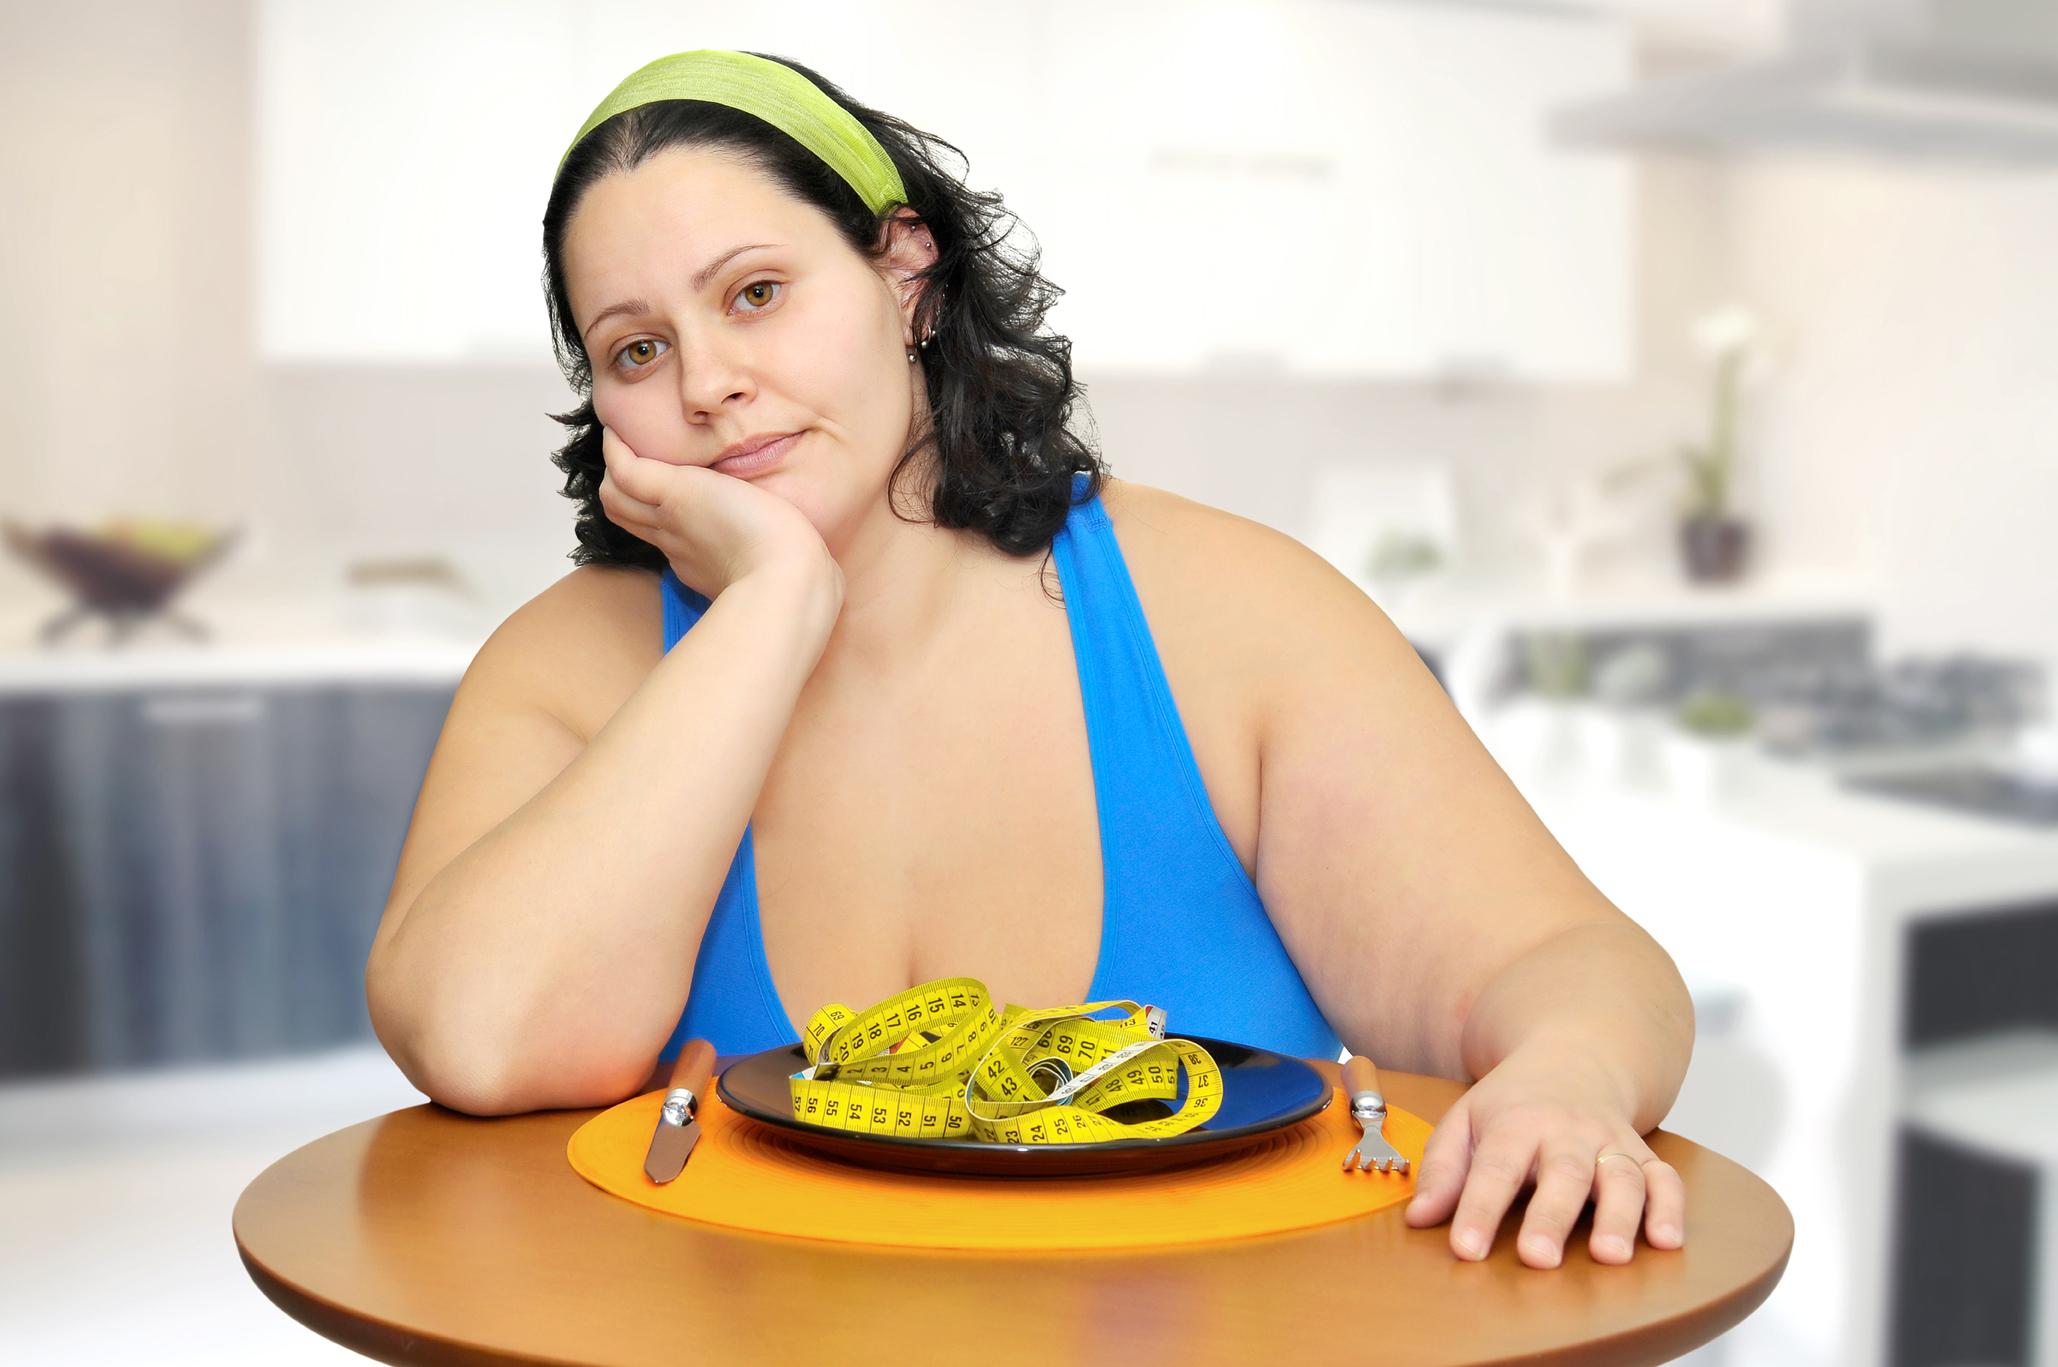 6 điều tuyệt vời có thể xảy ra khi bạn ngừng ăn đường 3